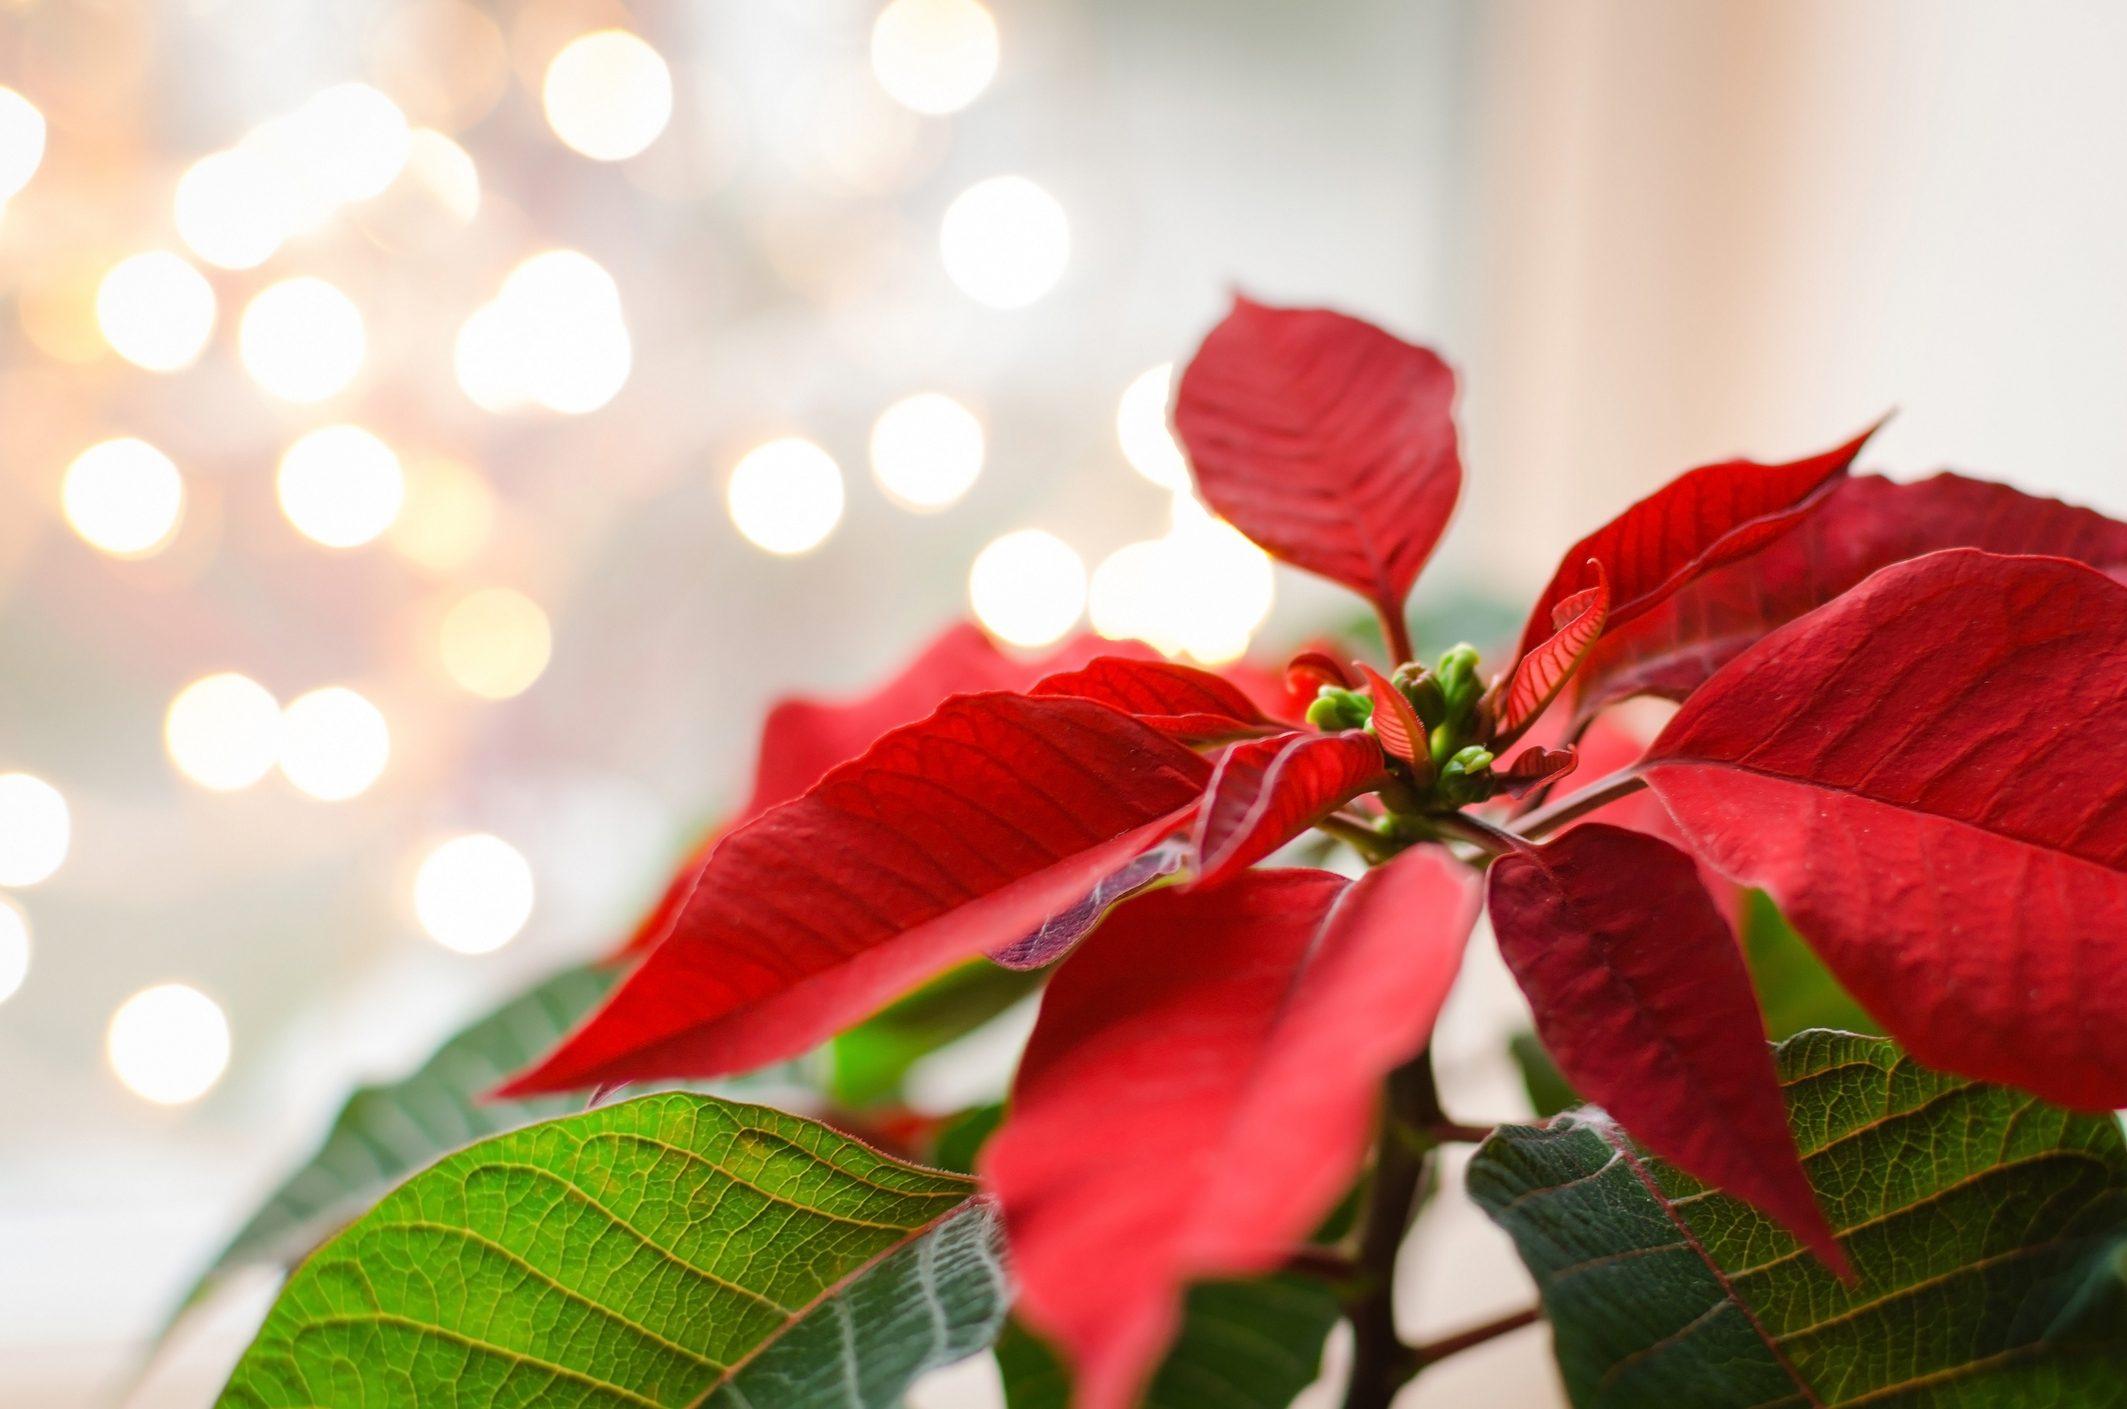 Significato Della Stella Di Natale.Come Si Cura La Stella Di Natale Scopri Come Non Fare Figuracce Con